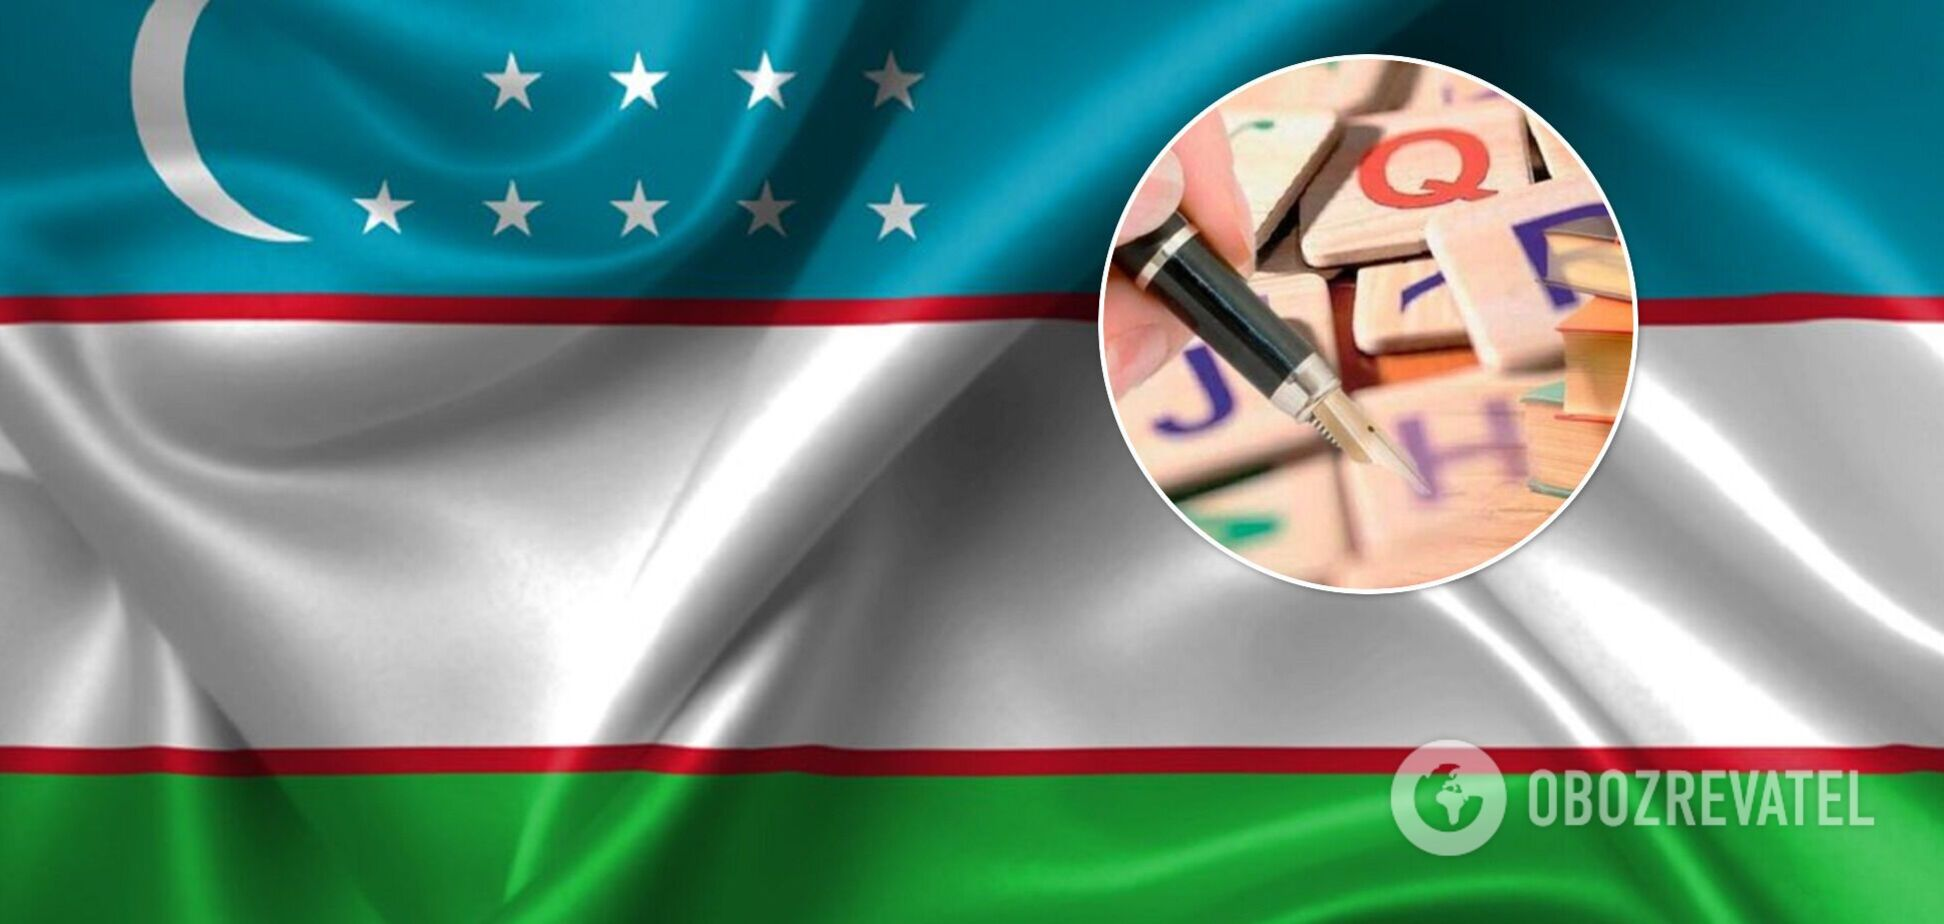 Россия проигрывает языковую войну: почему Узбекистан перейдет на латиницу и что за этим стоит